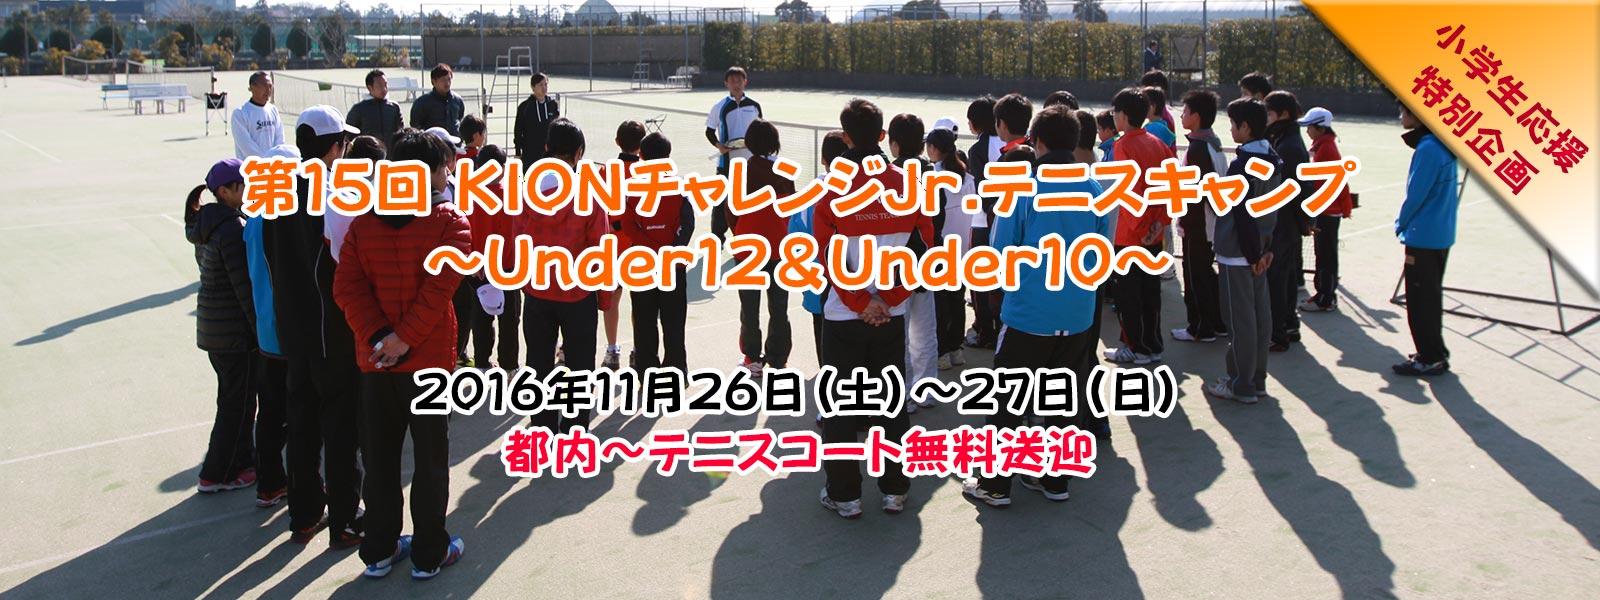 KION チャレンジJr.テニスキャンプ